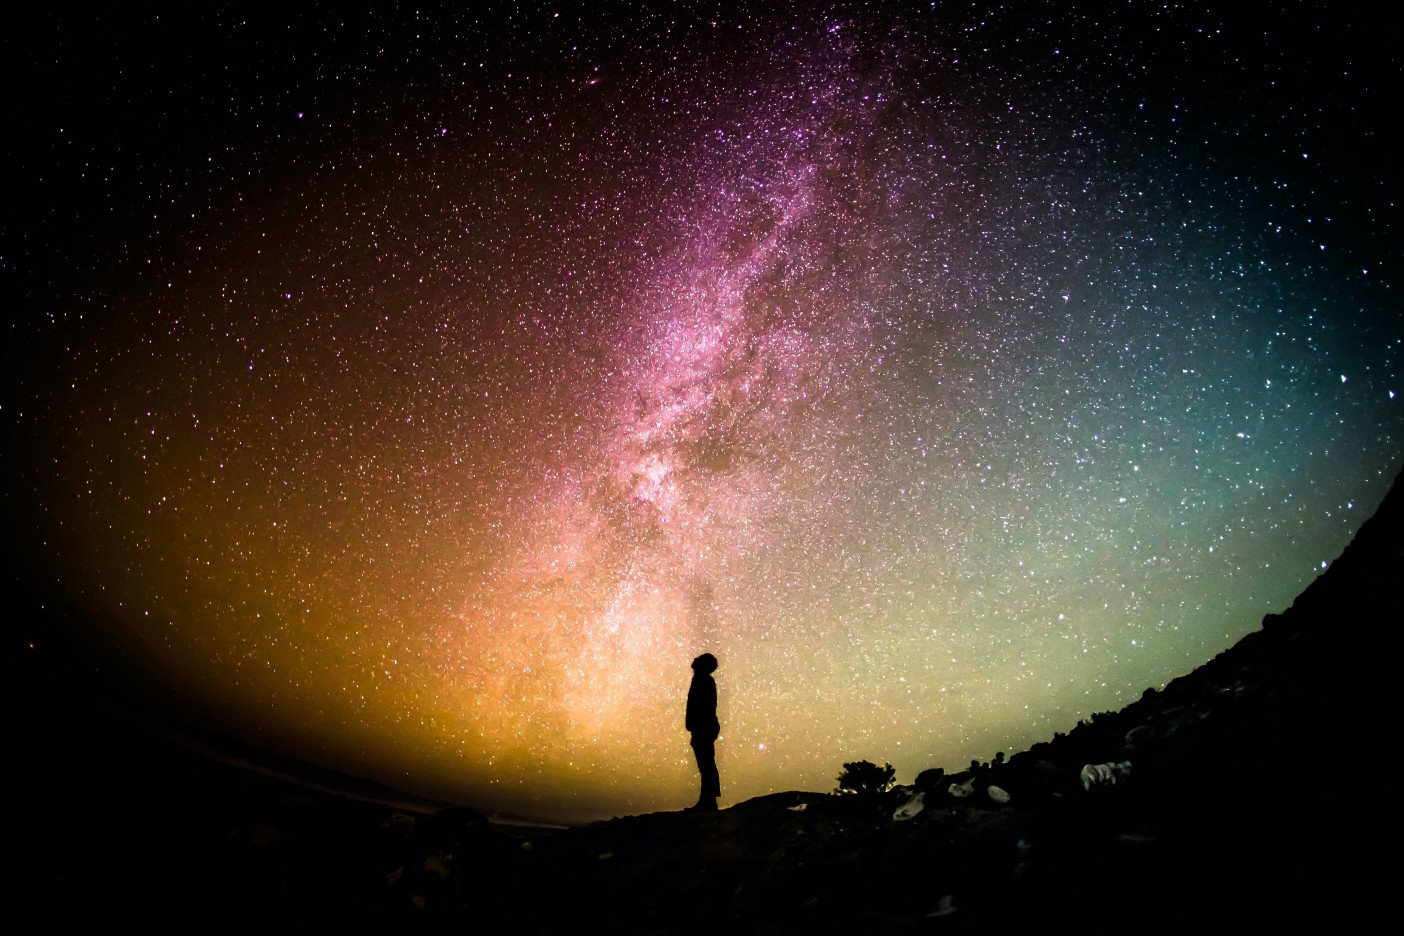 stargazing 自己最真實想要的樣子